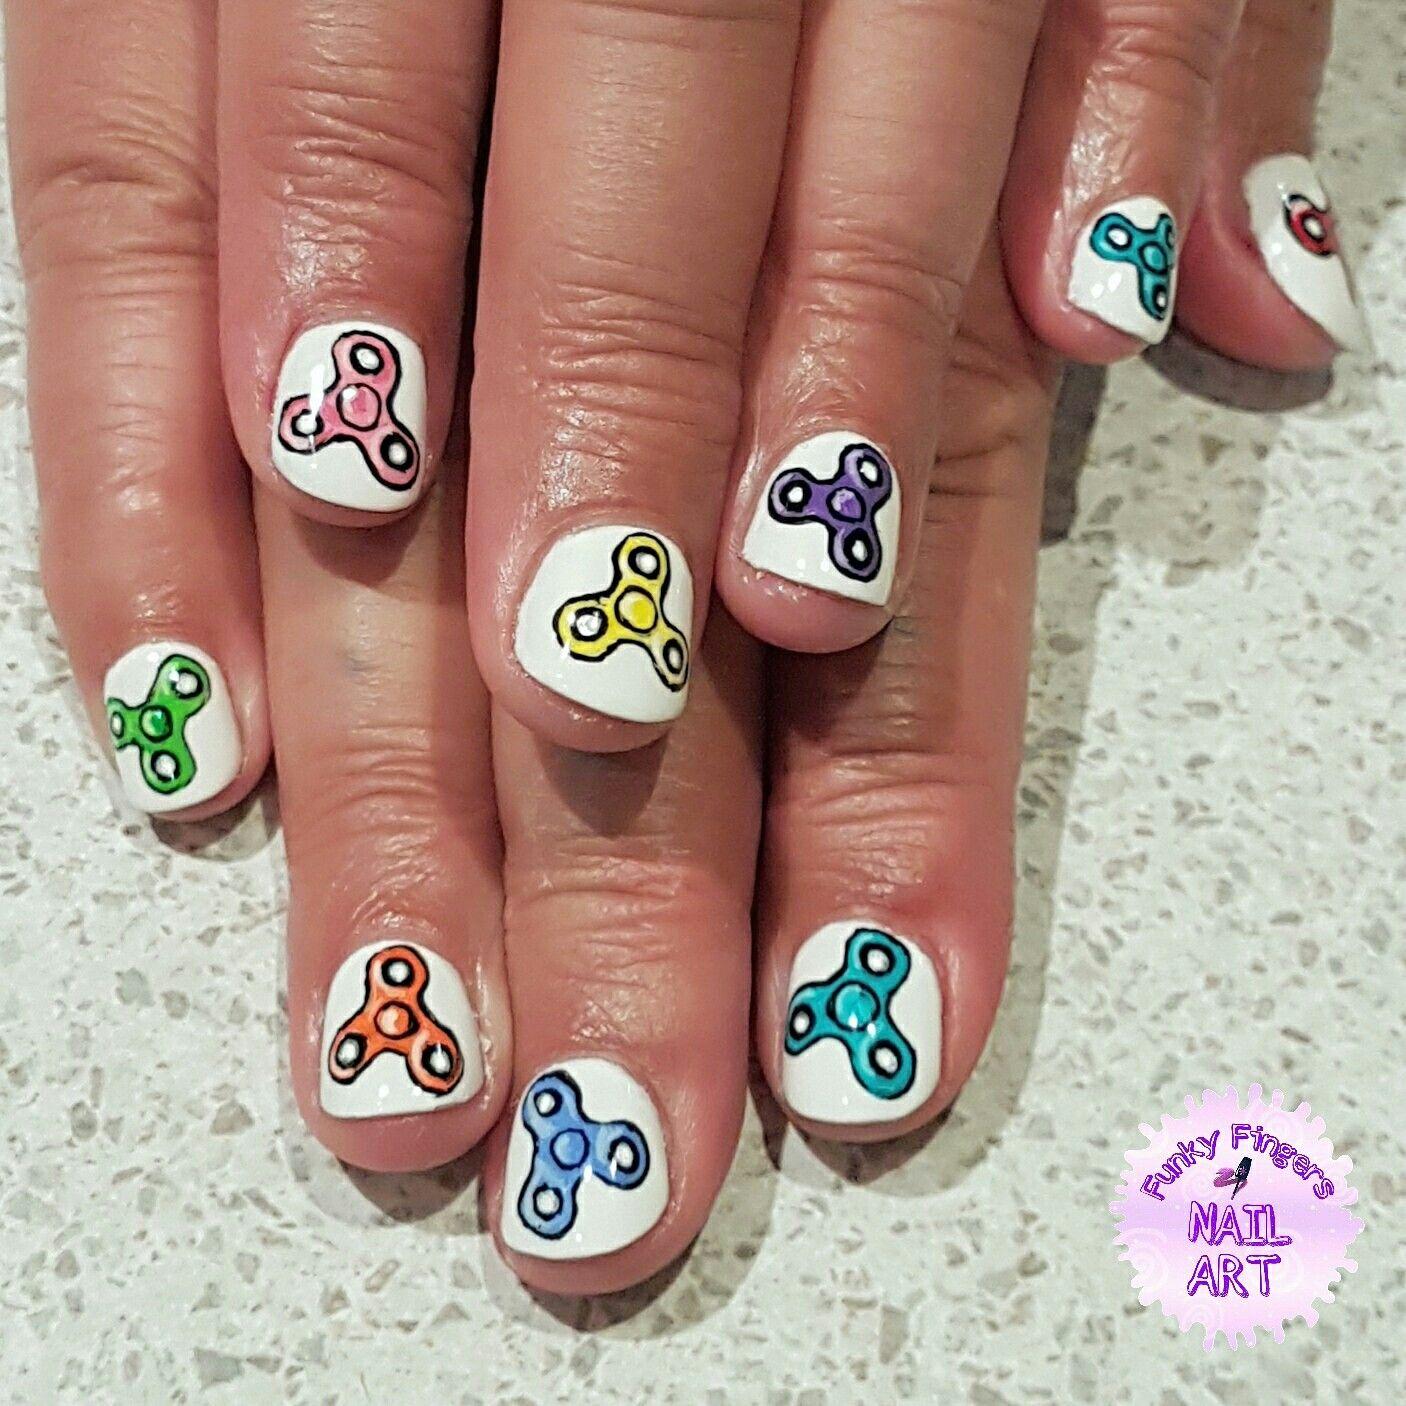 Fidget spinner nails   Nail nail   Pinterest   Fun nails and Nail nail